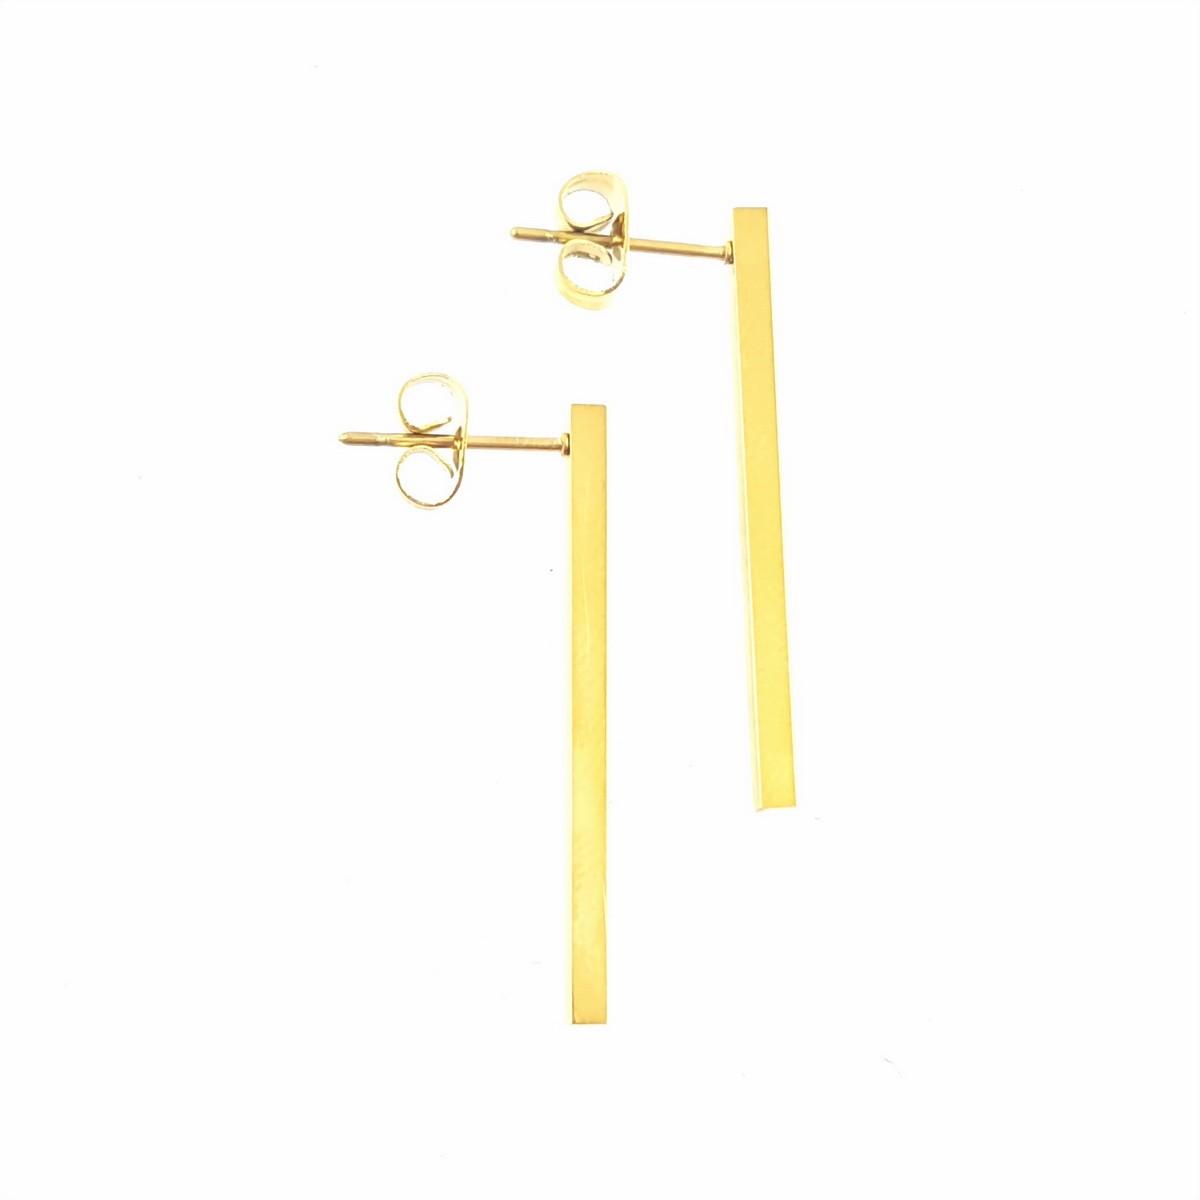 boucles d'oreilles barre 3cm doré jaune